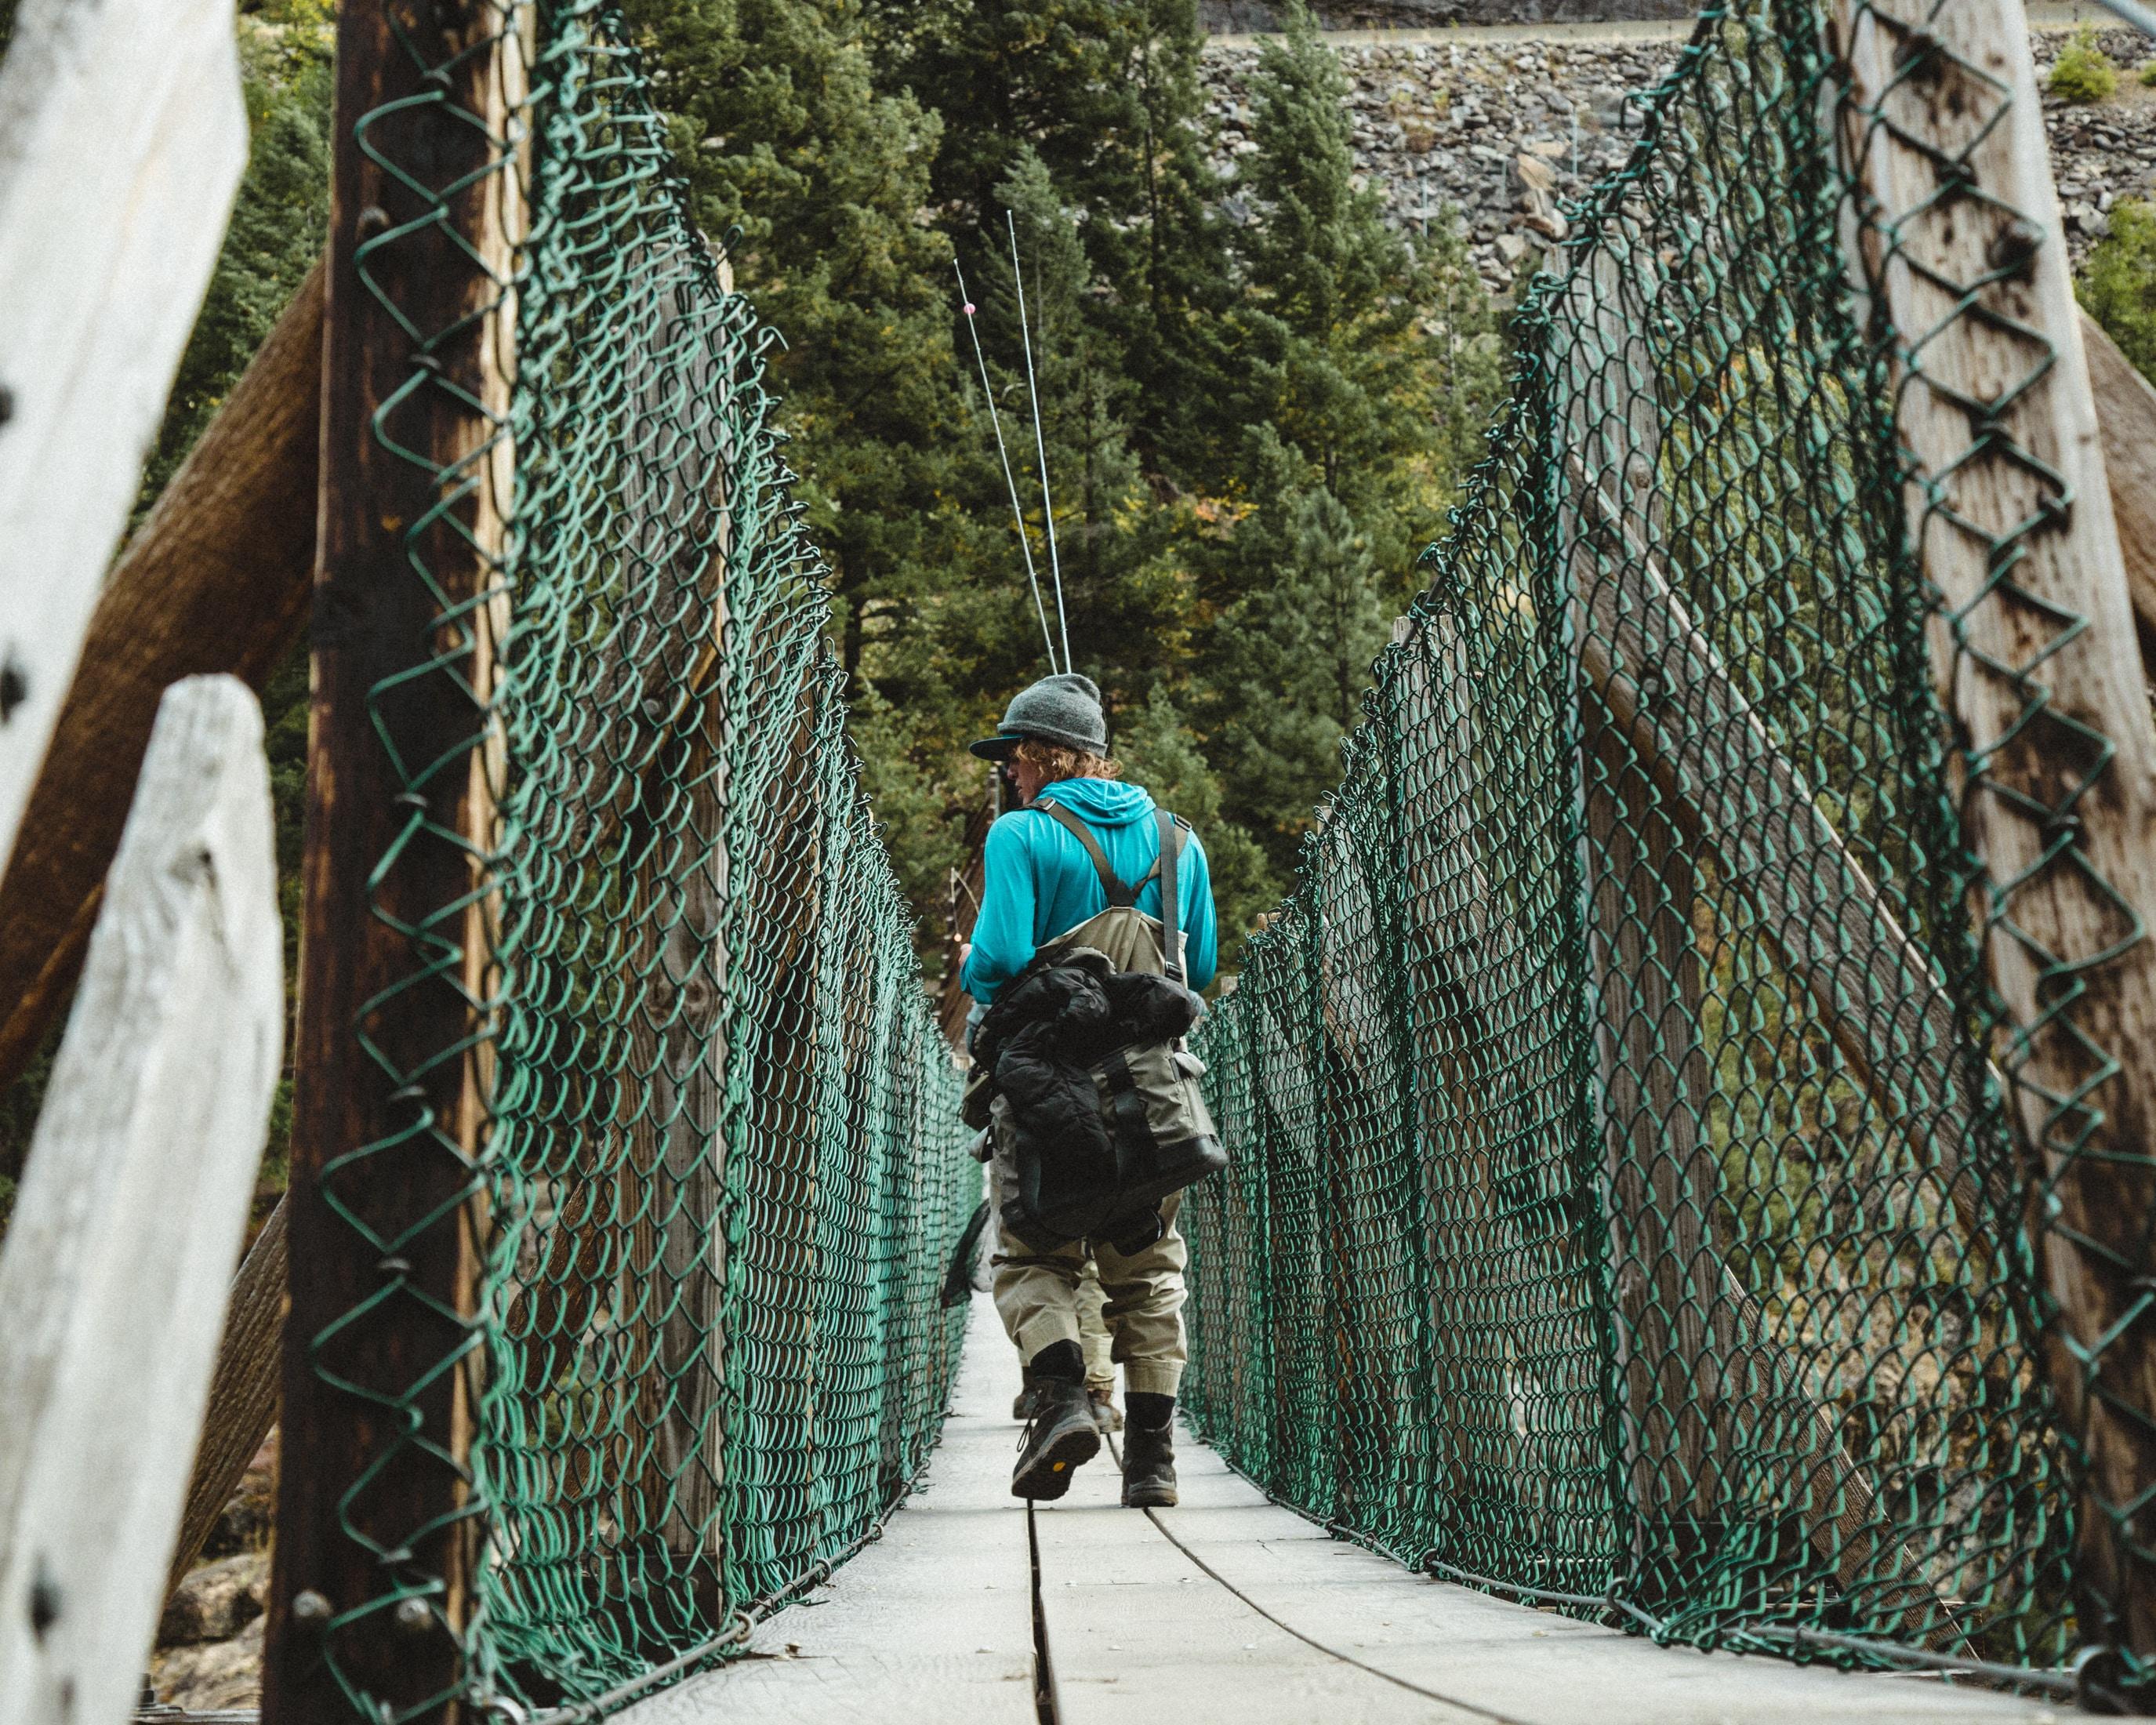 man on green hanging bridge